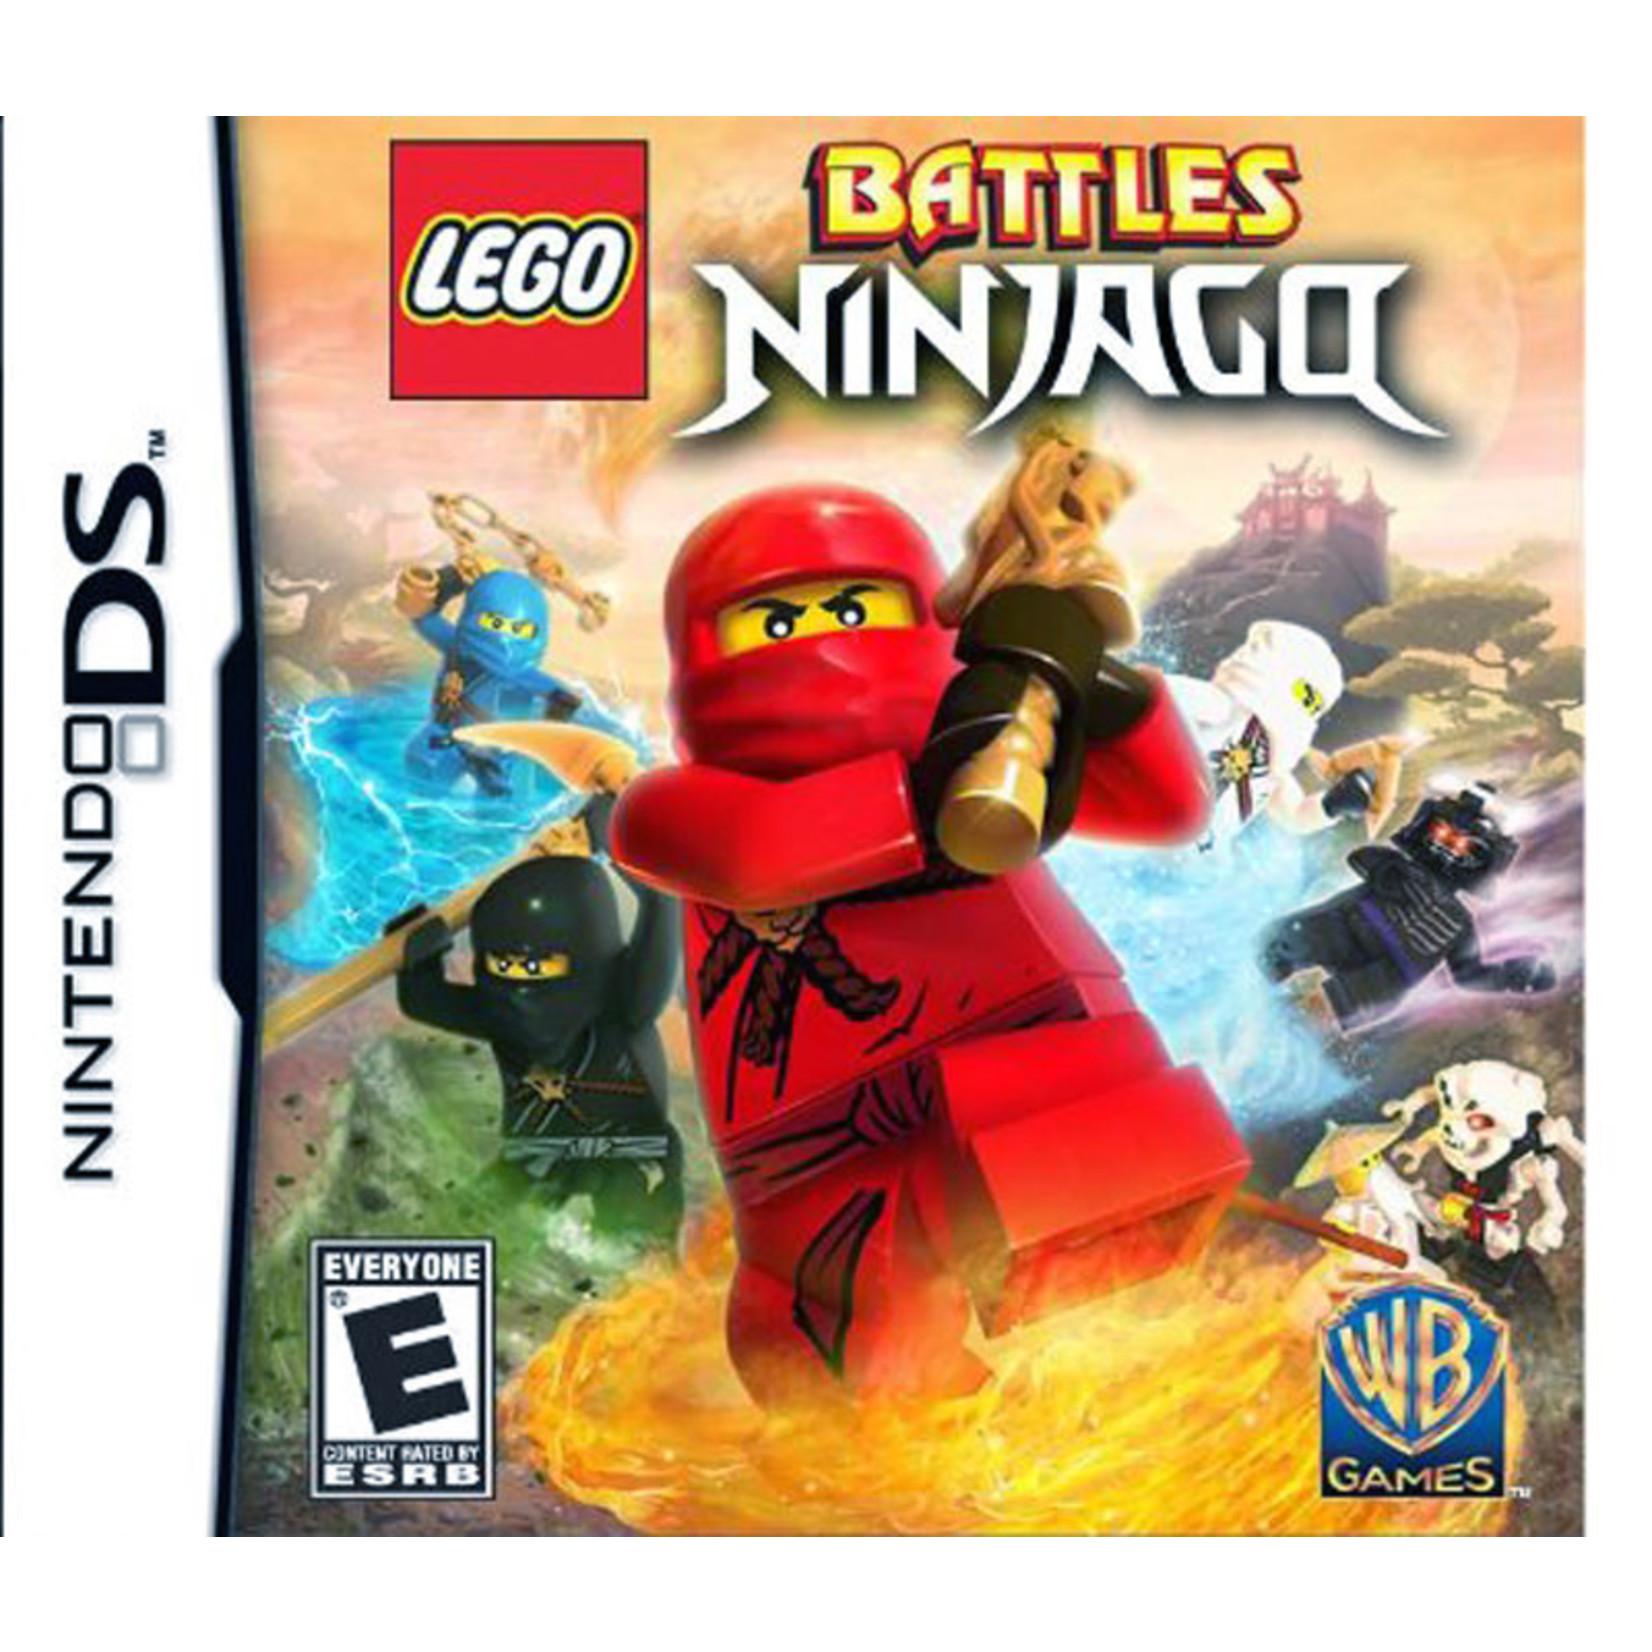 DSU-LEGO BATTLES NINJAGA